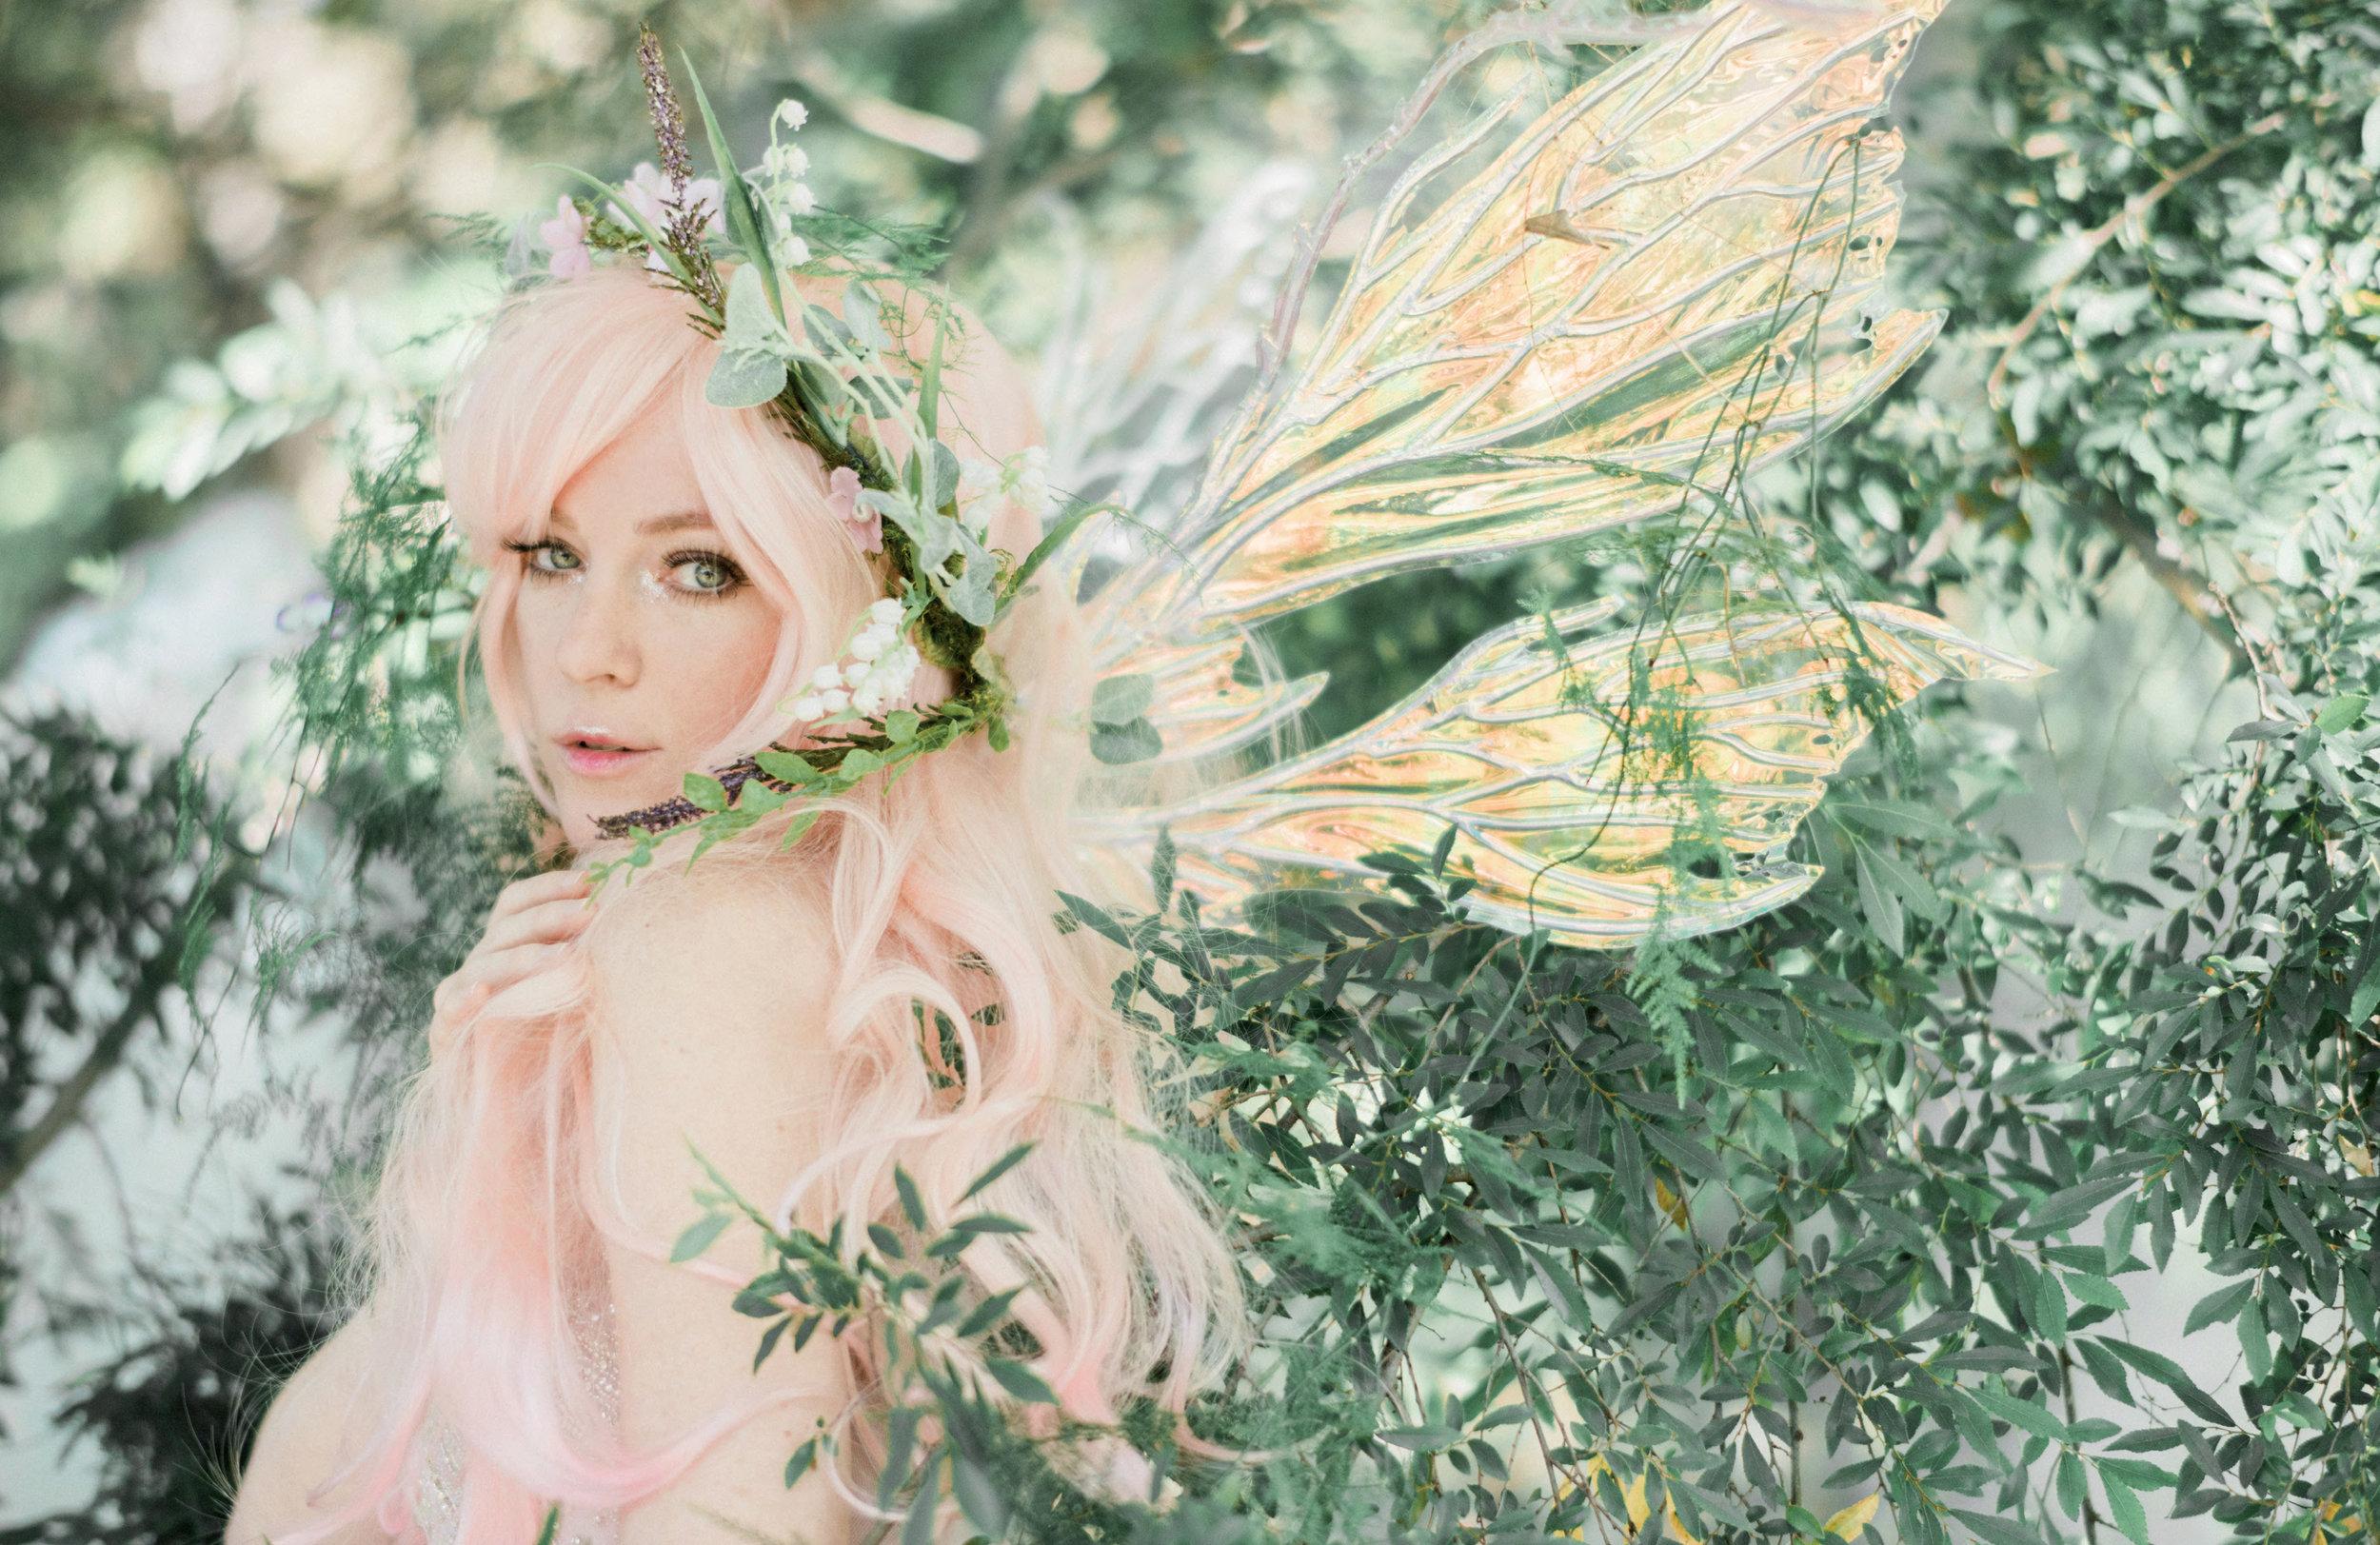 faerie5.jpg